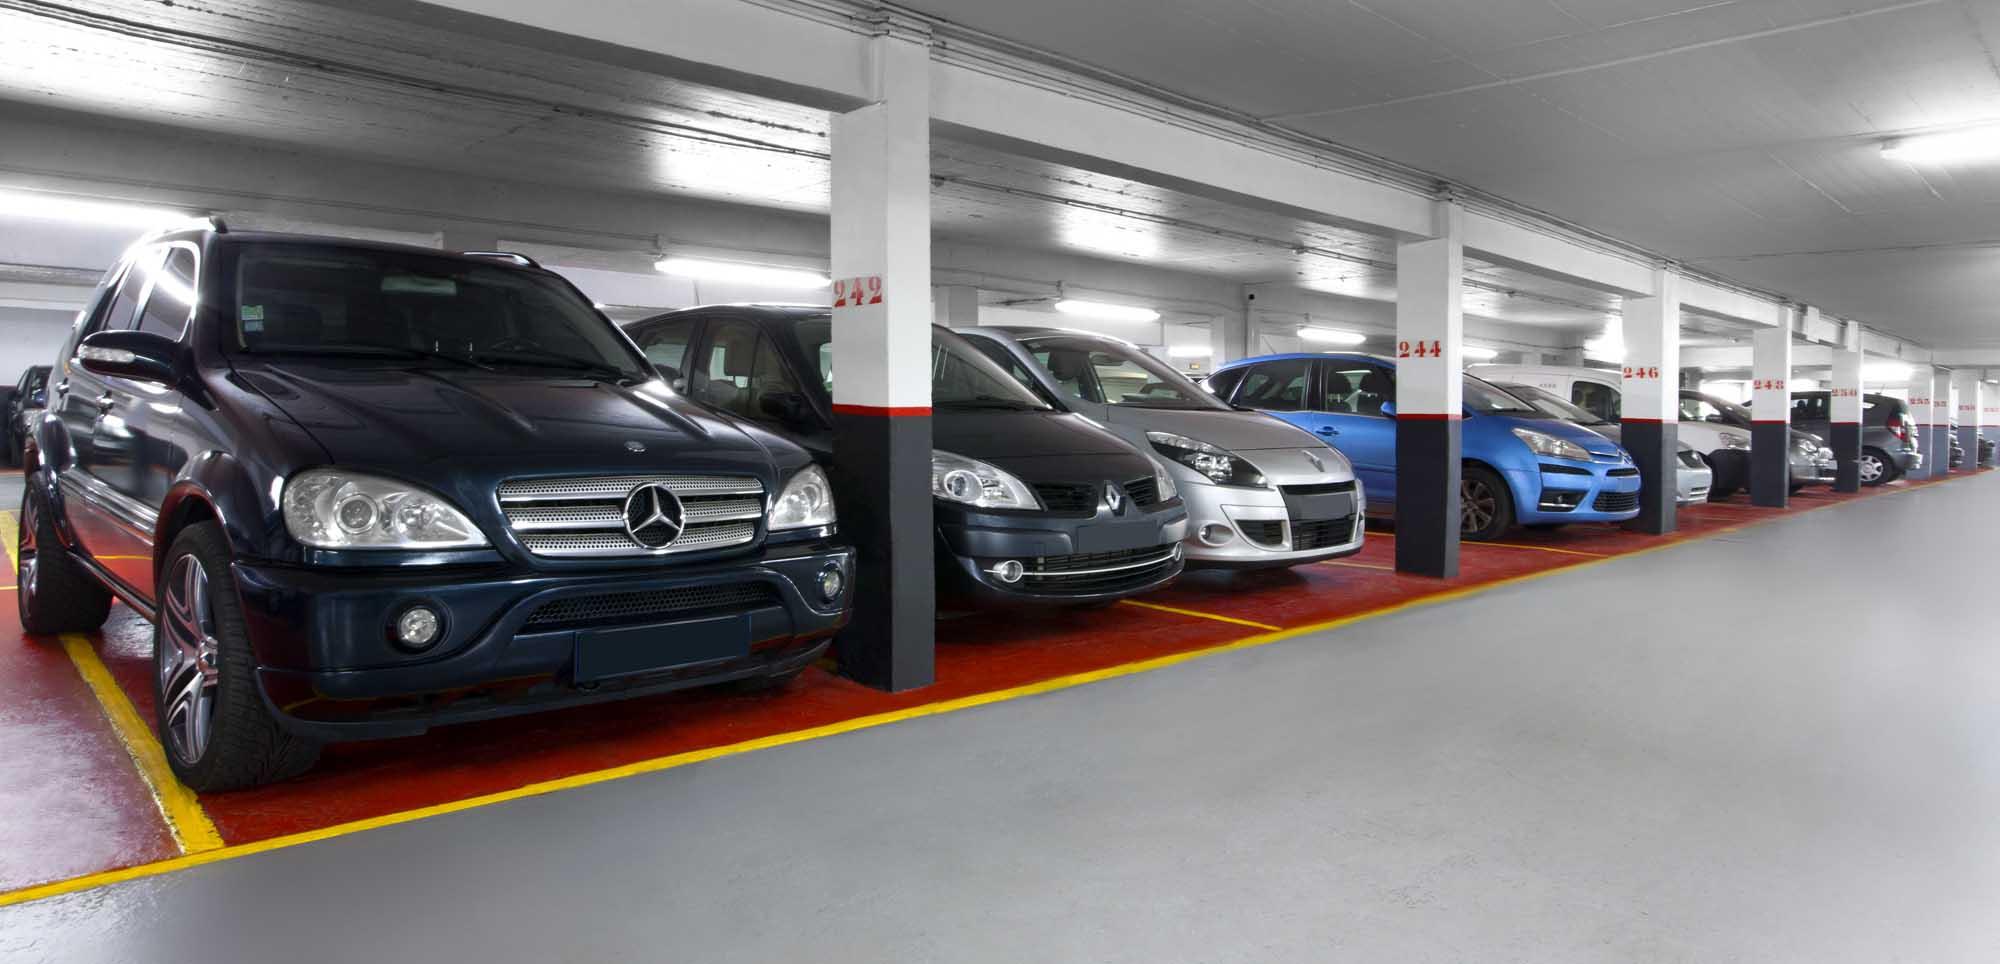 Location parking Strasbourg, pour la sécurité de sa voiture